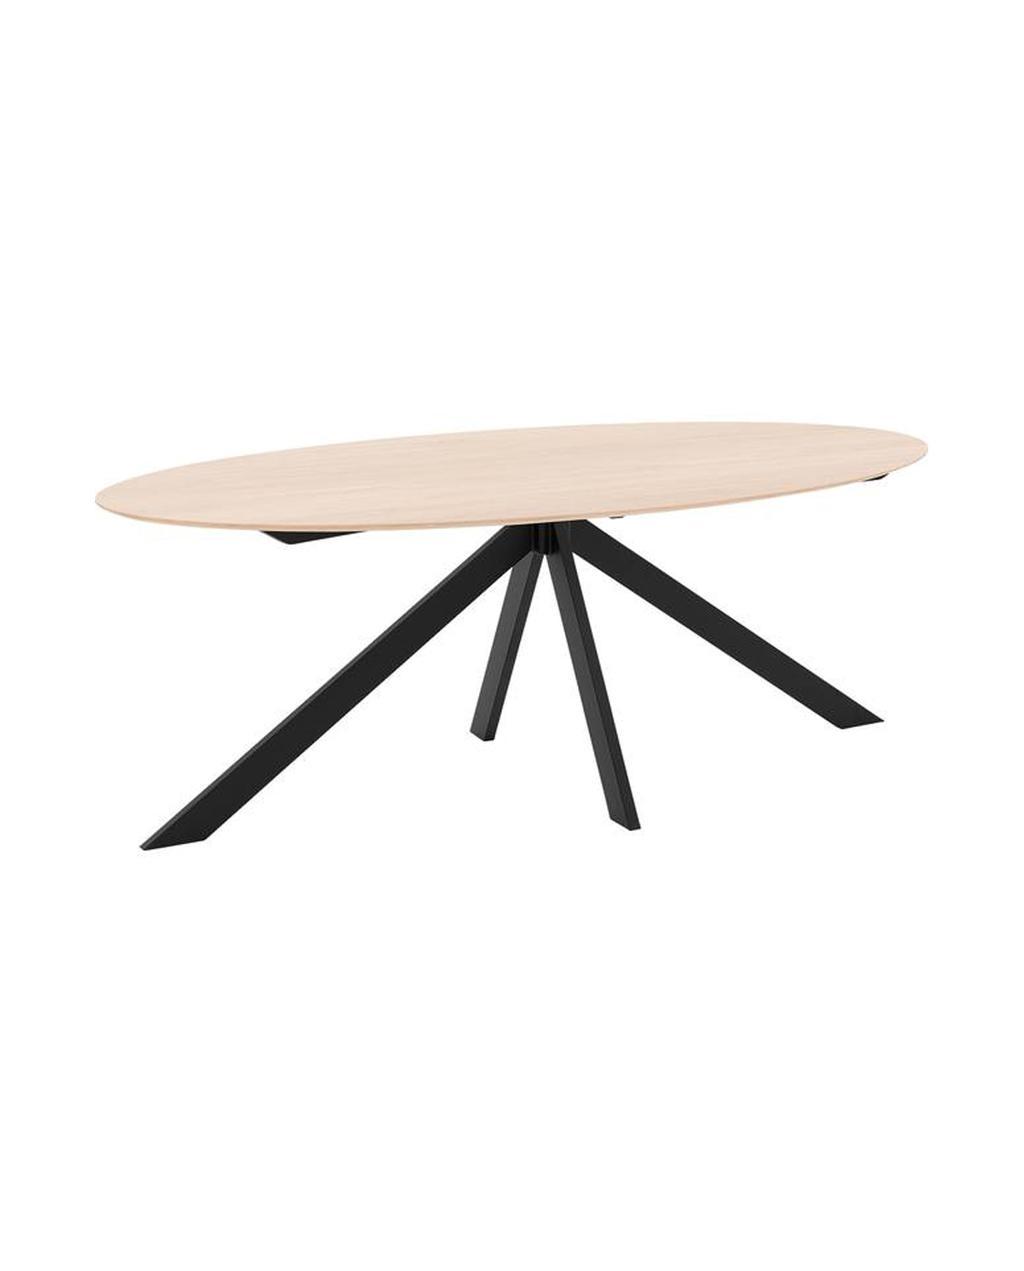 Eettafel ovaal met hout en zwarte onderstel